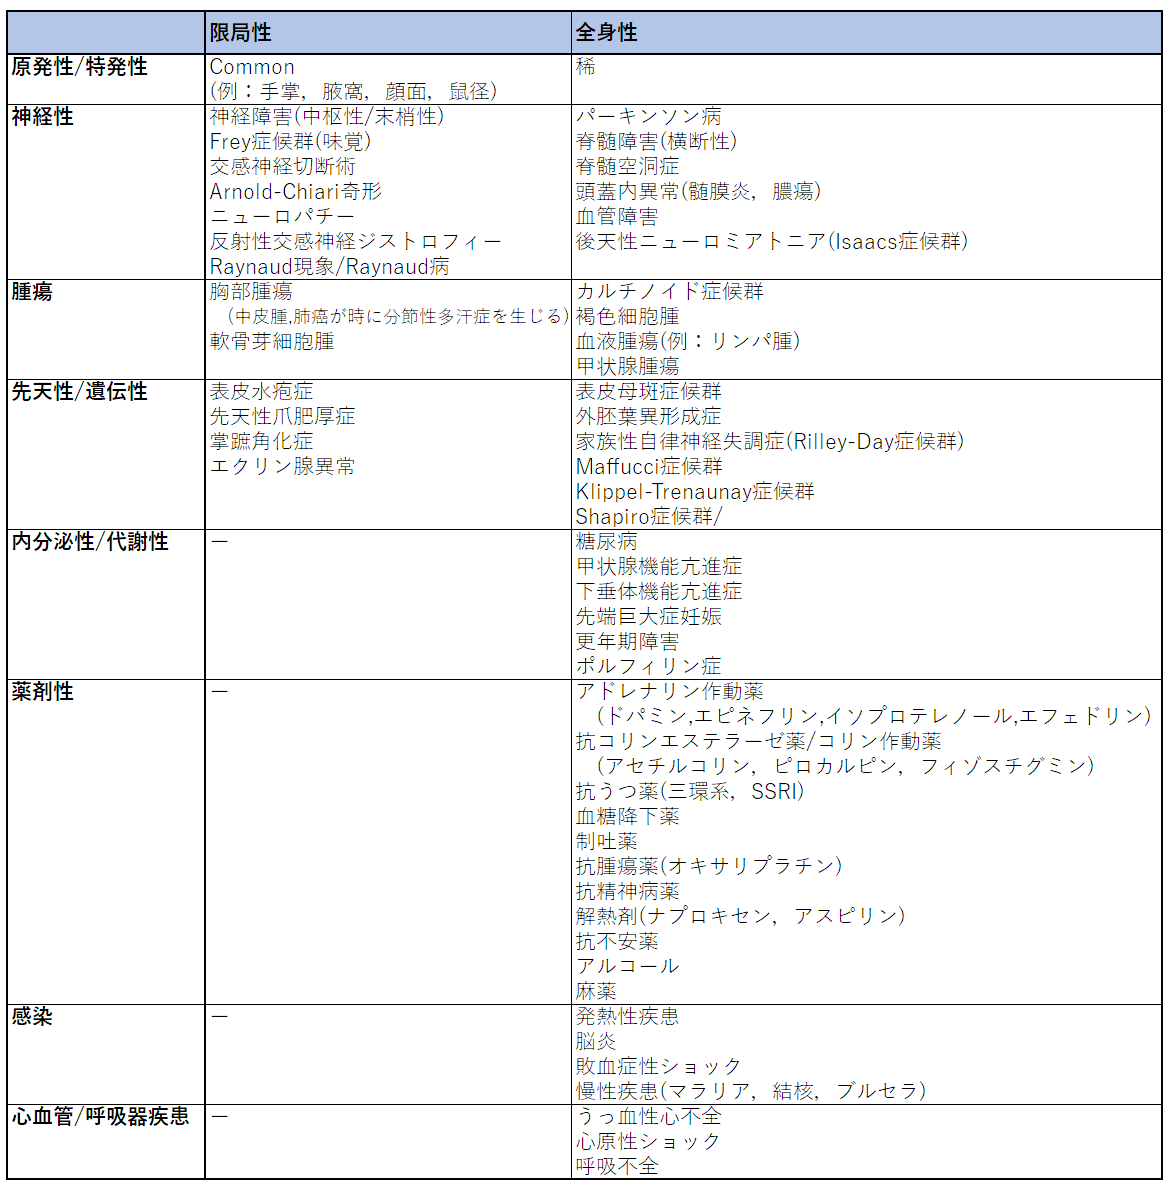 f:id:yukimukae:20190809084234p:plain